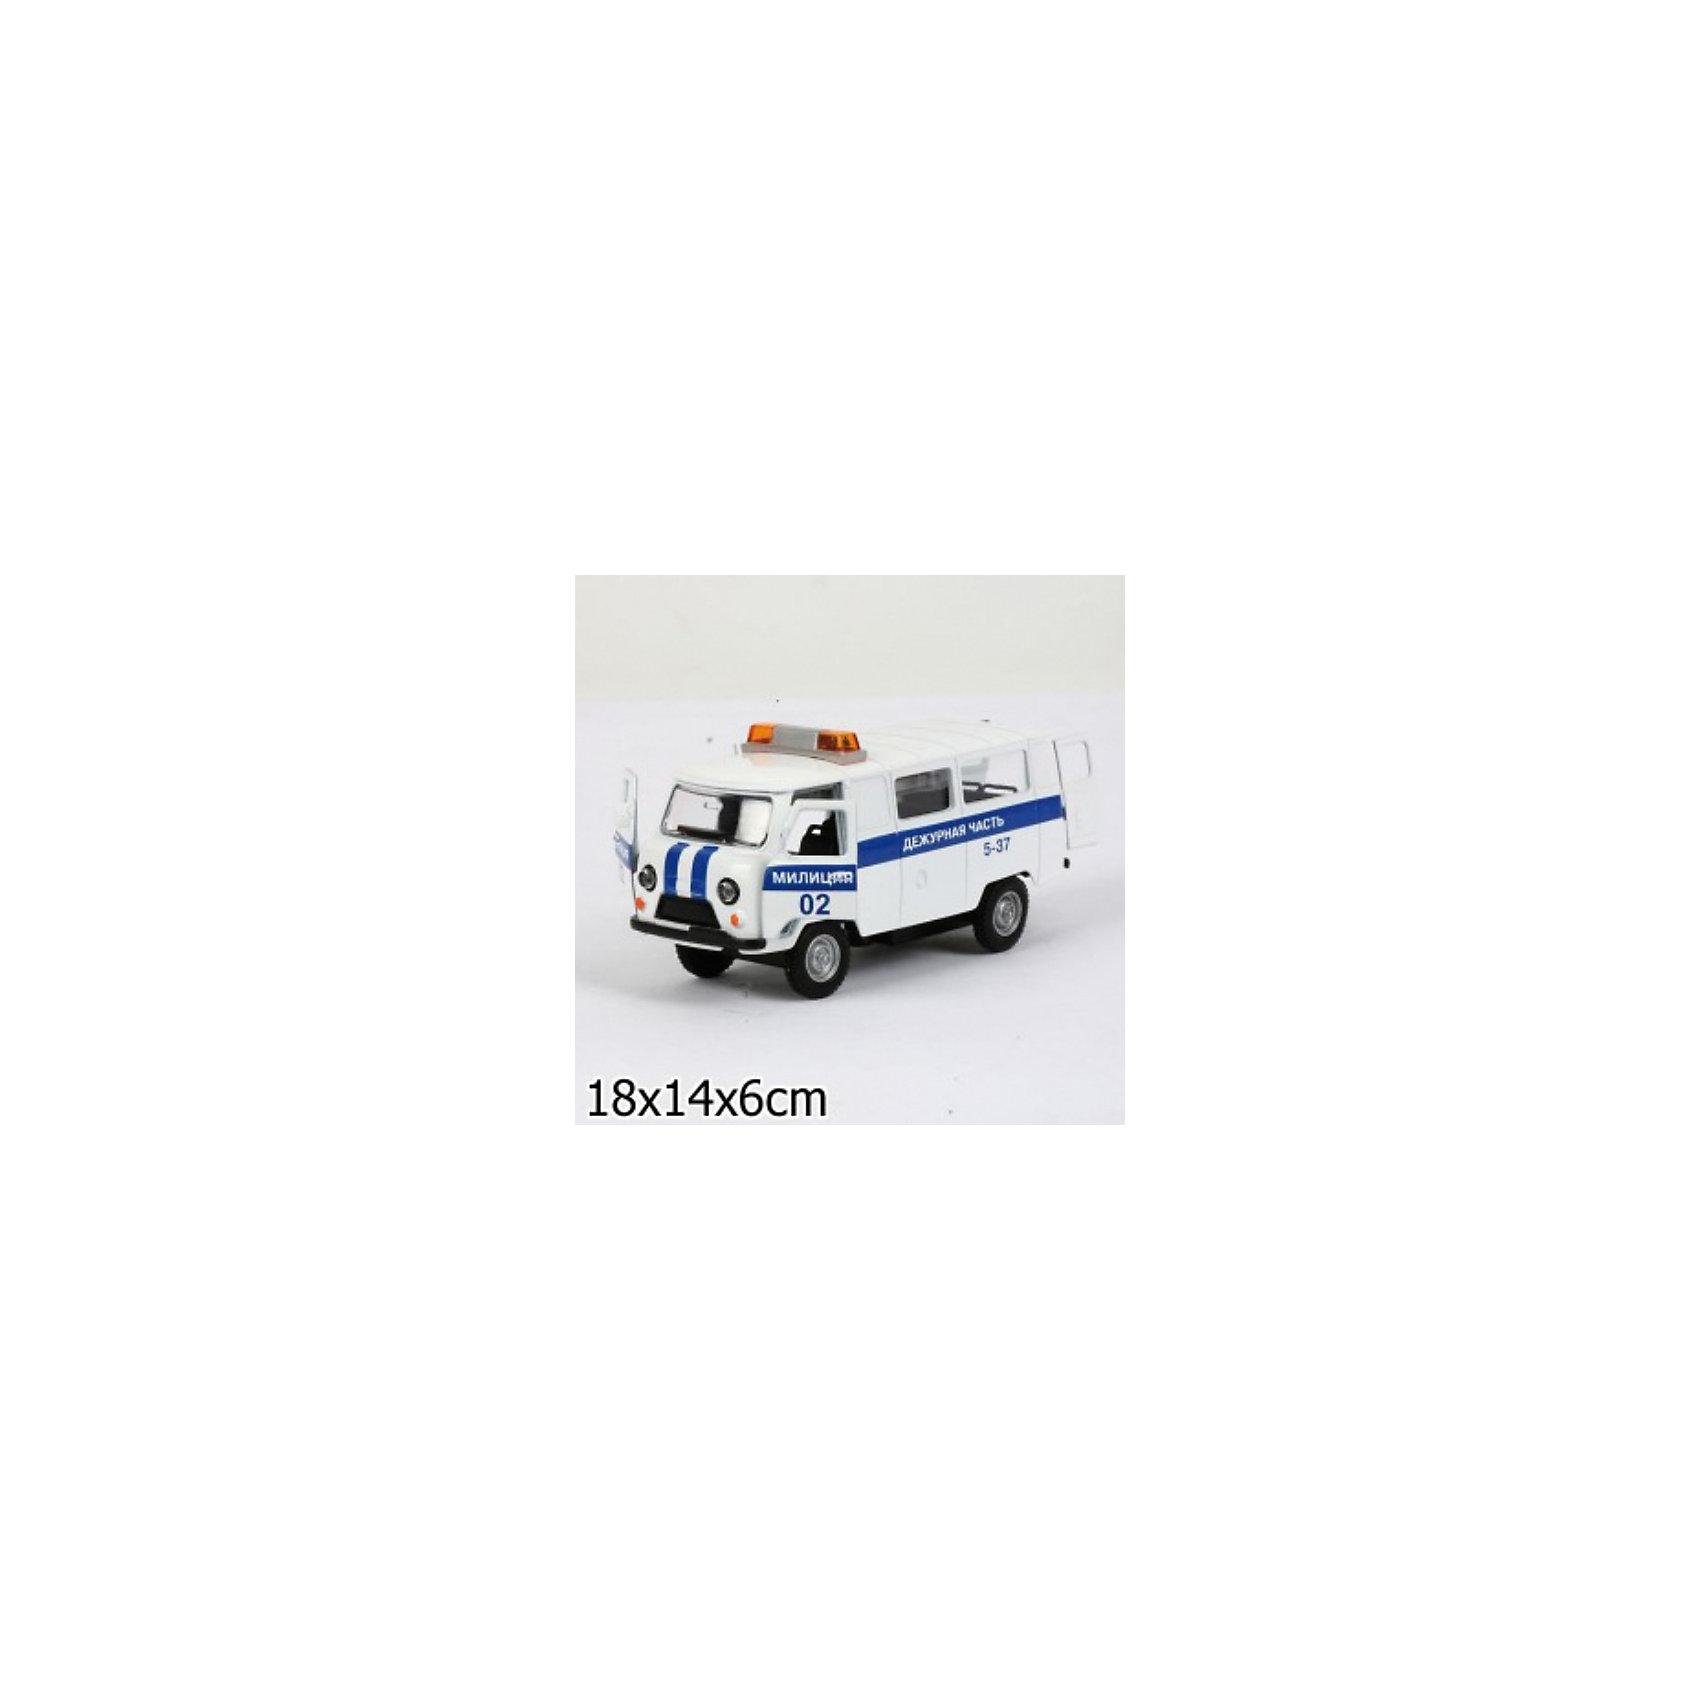 ТЕХНОПАРК ТЕХНОПАРК Машина милиции белая барабанная циклевочная машина со 206 бу